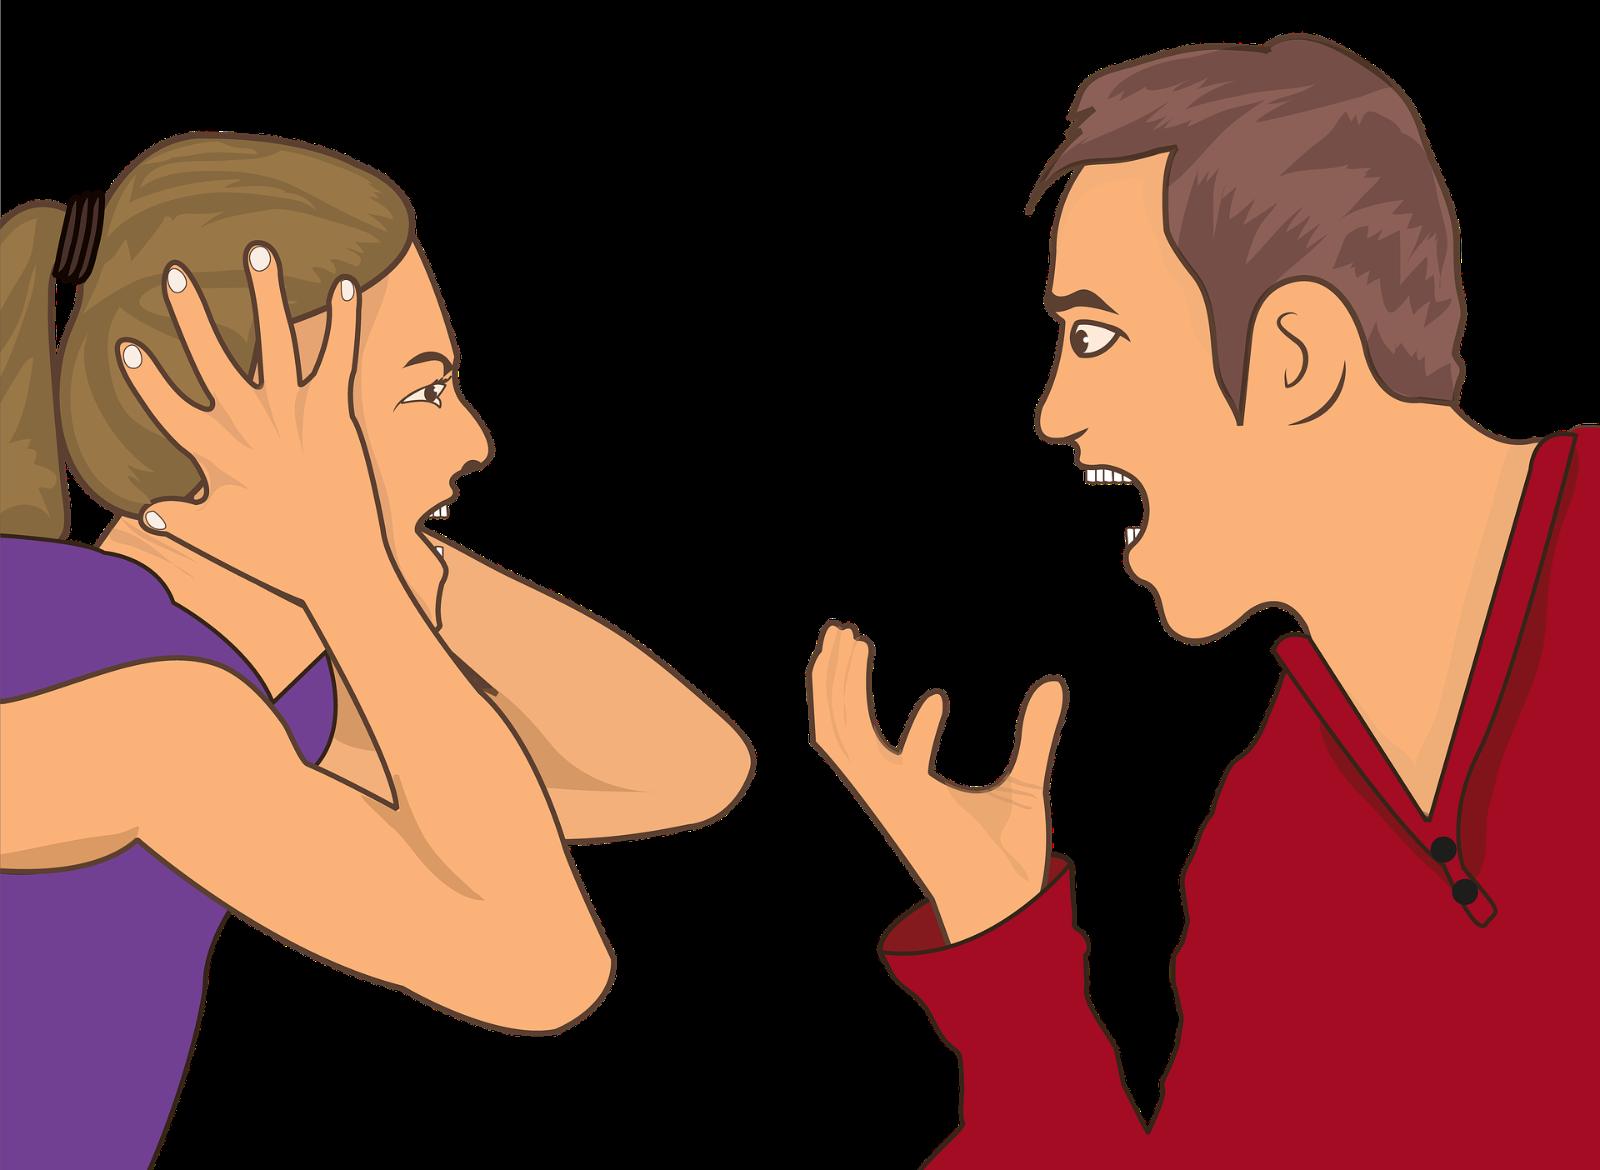 Τι να αποφύγουμε για να μην διαλυθεί η σχέση μας | Γράφει ο Ψυχολόγος – Ψυχοθεραπευτής Γιάννης Ξηντάρας